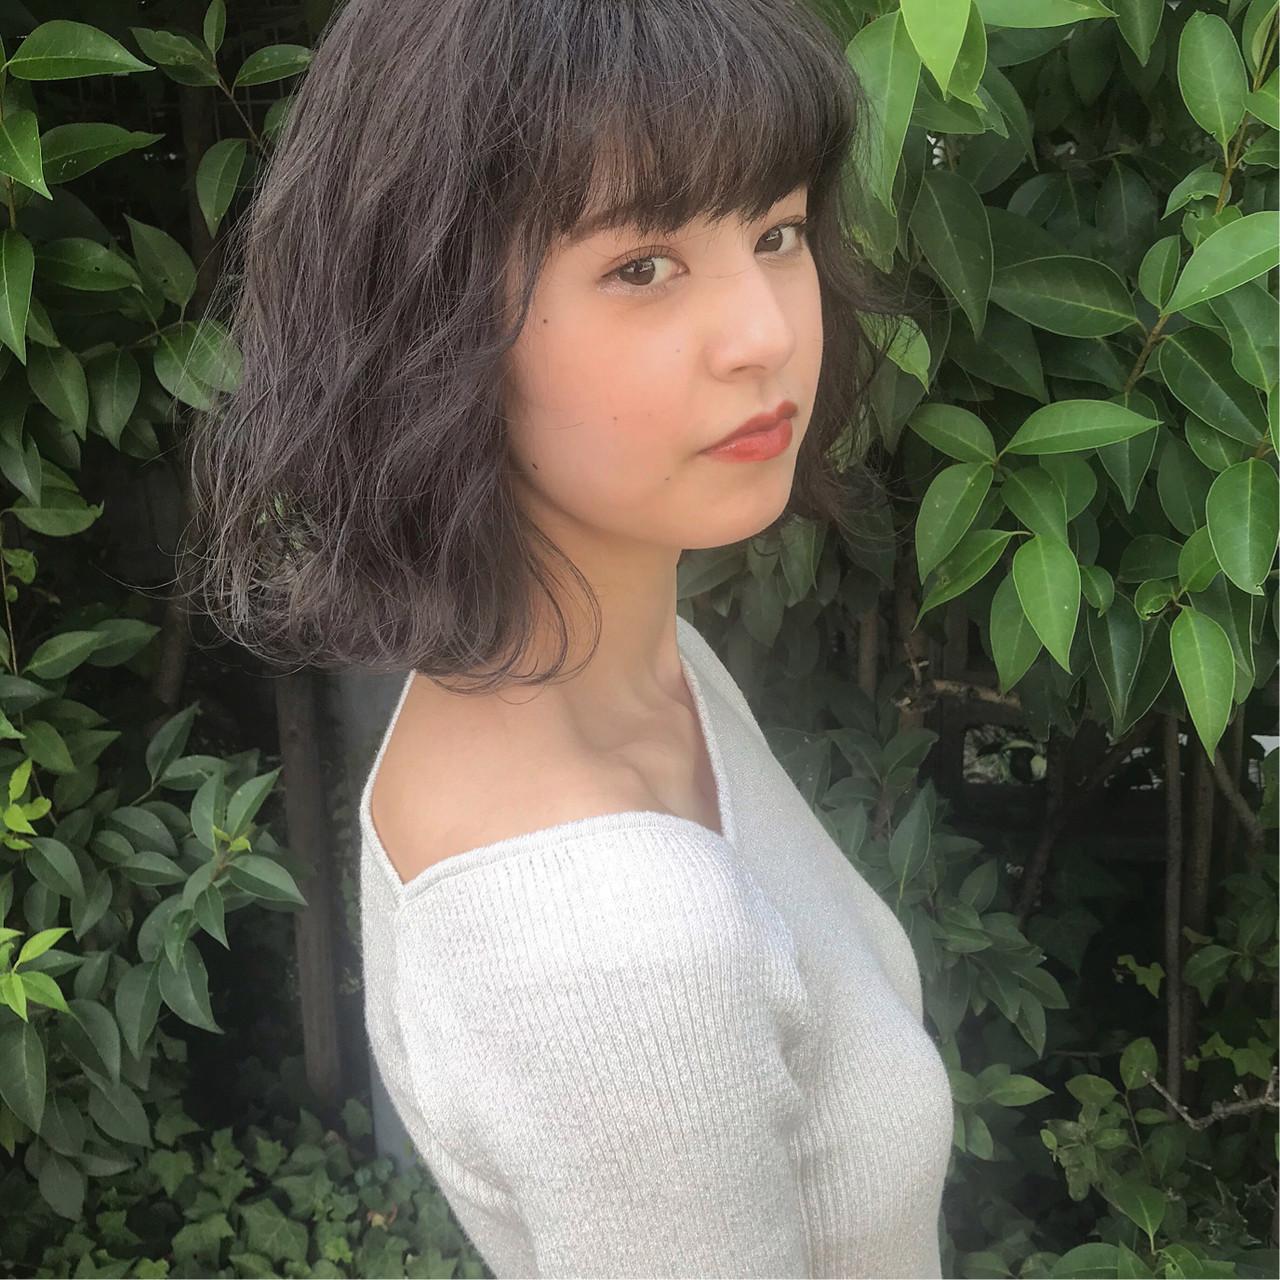 ハイトーンカラー フェミニン アッシュグレー ボブ ヘアスタイルや髪型の写真・画像 | 上村 聖陽 / lia by defi